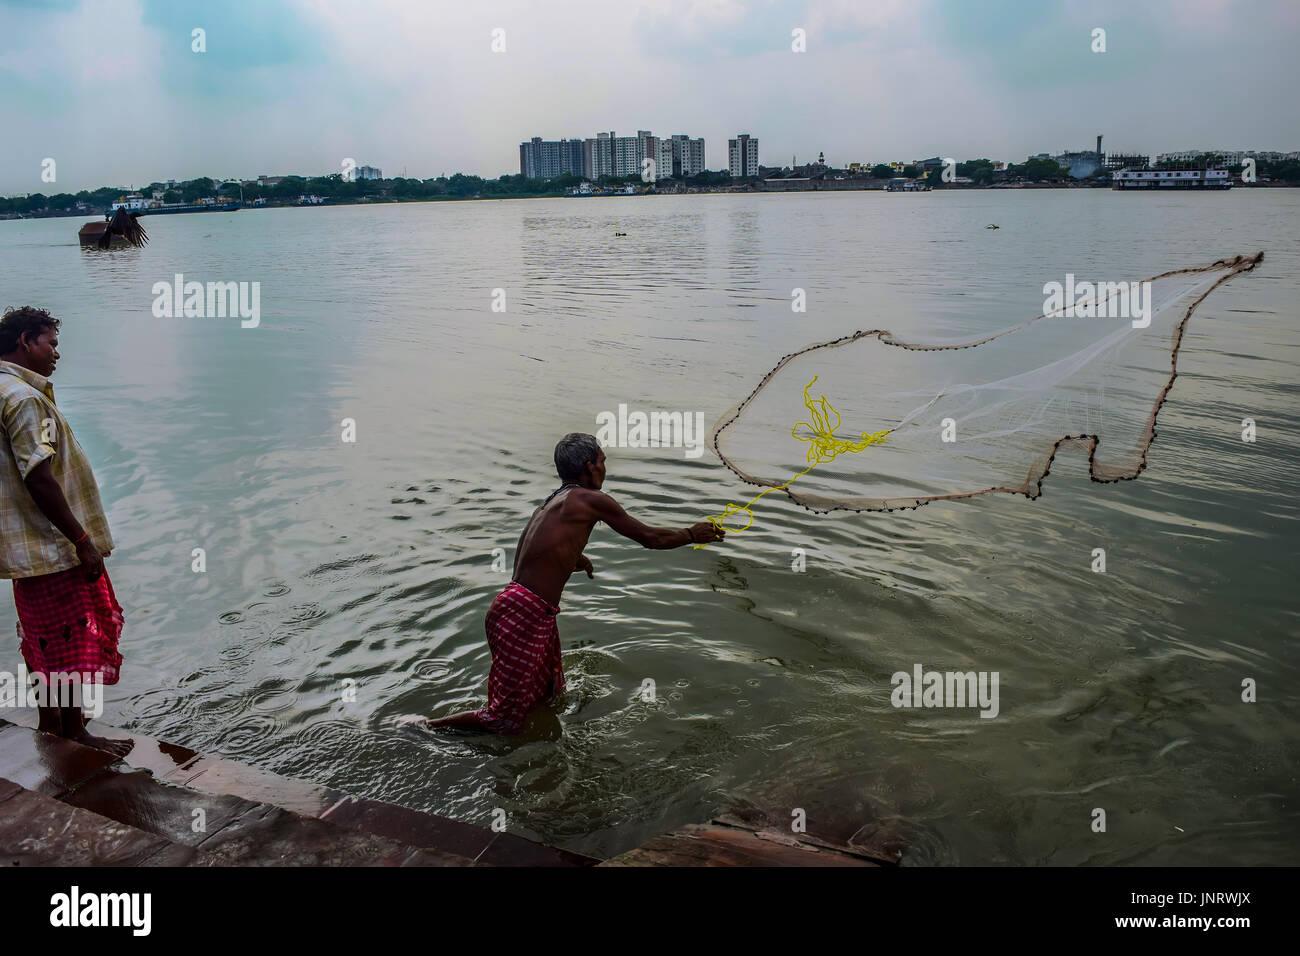 Ganga river stock photos ganga river stock images alamy for River fishing games